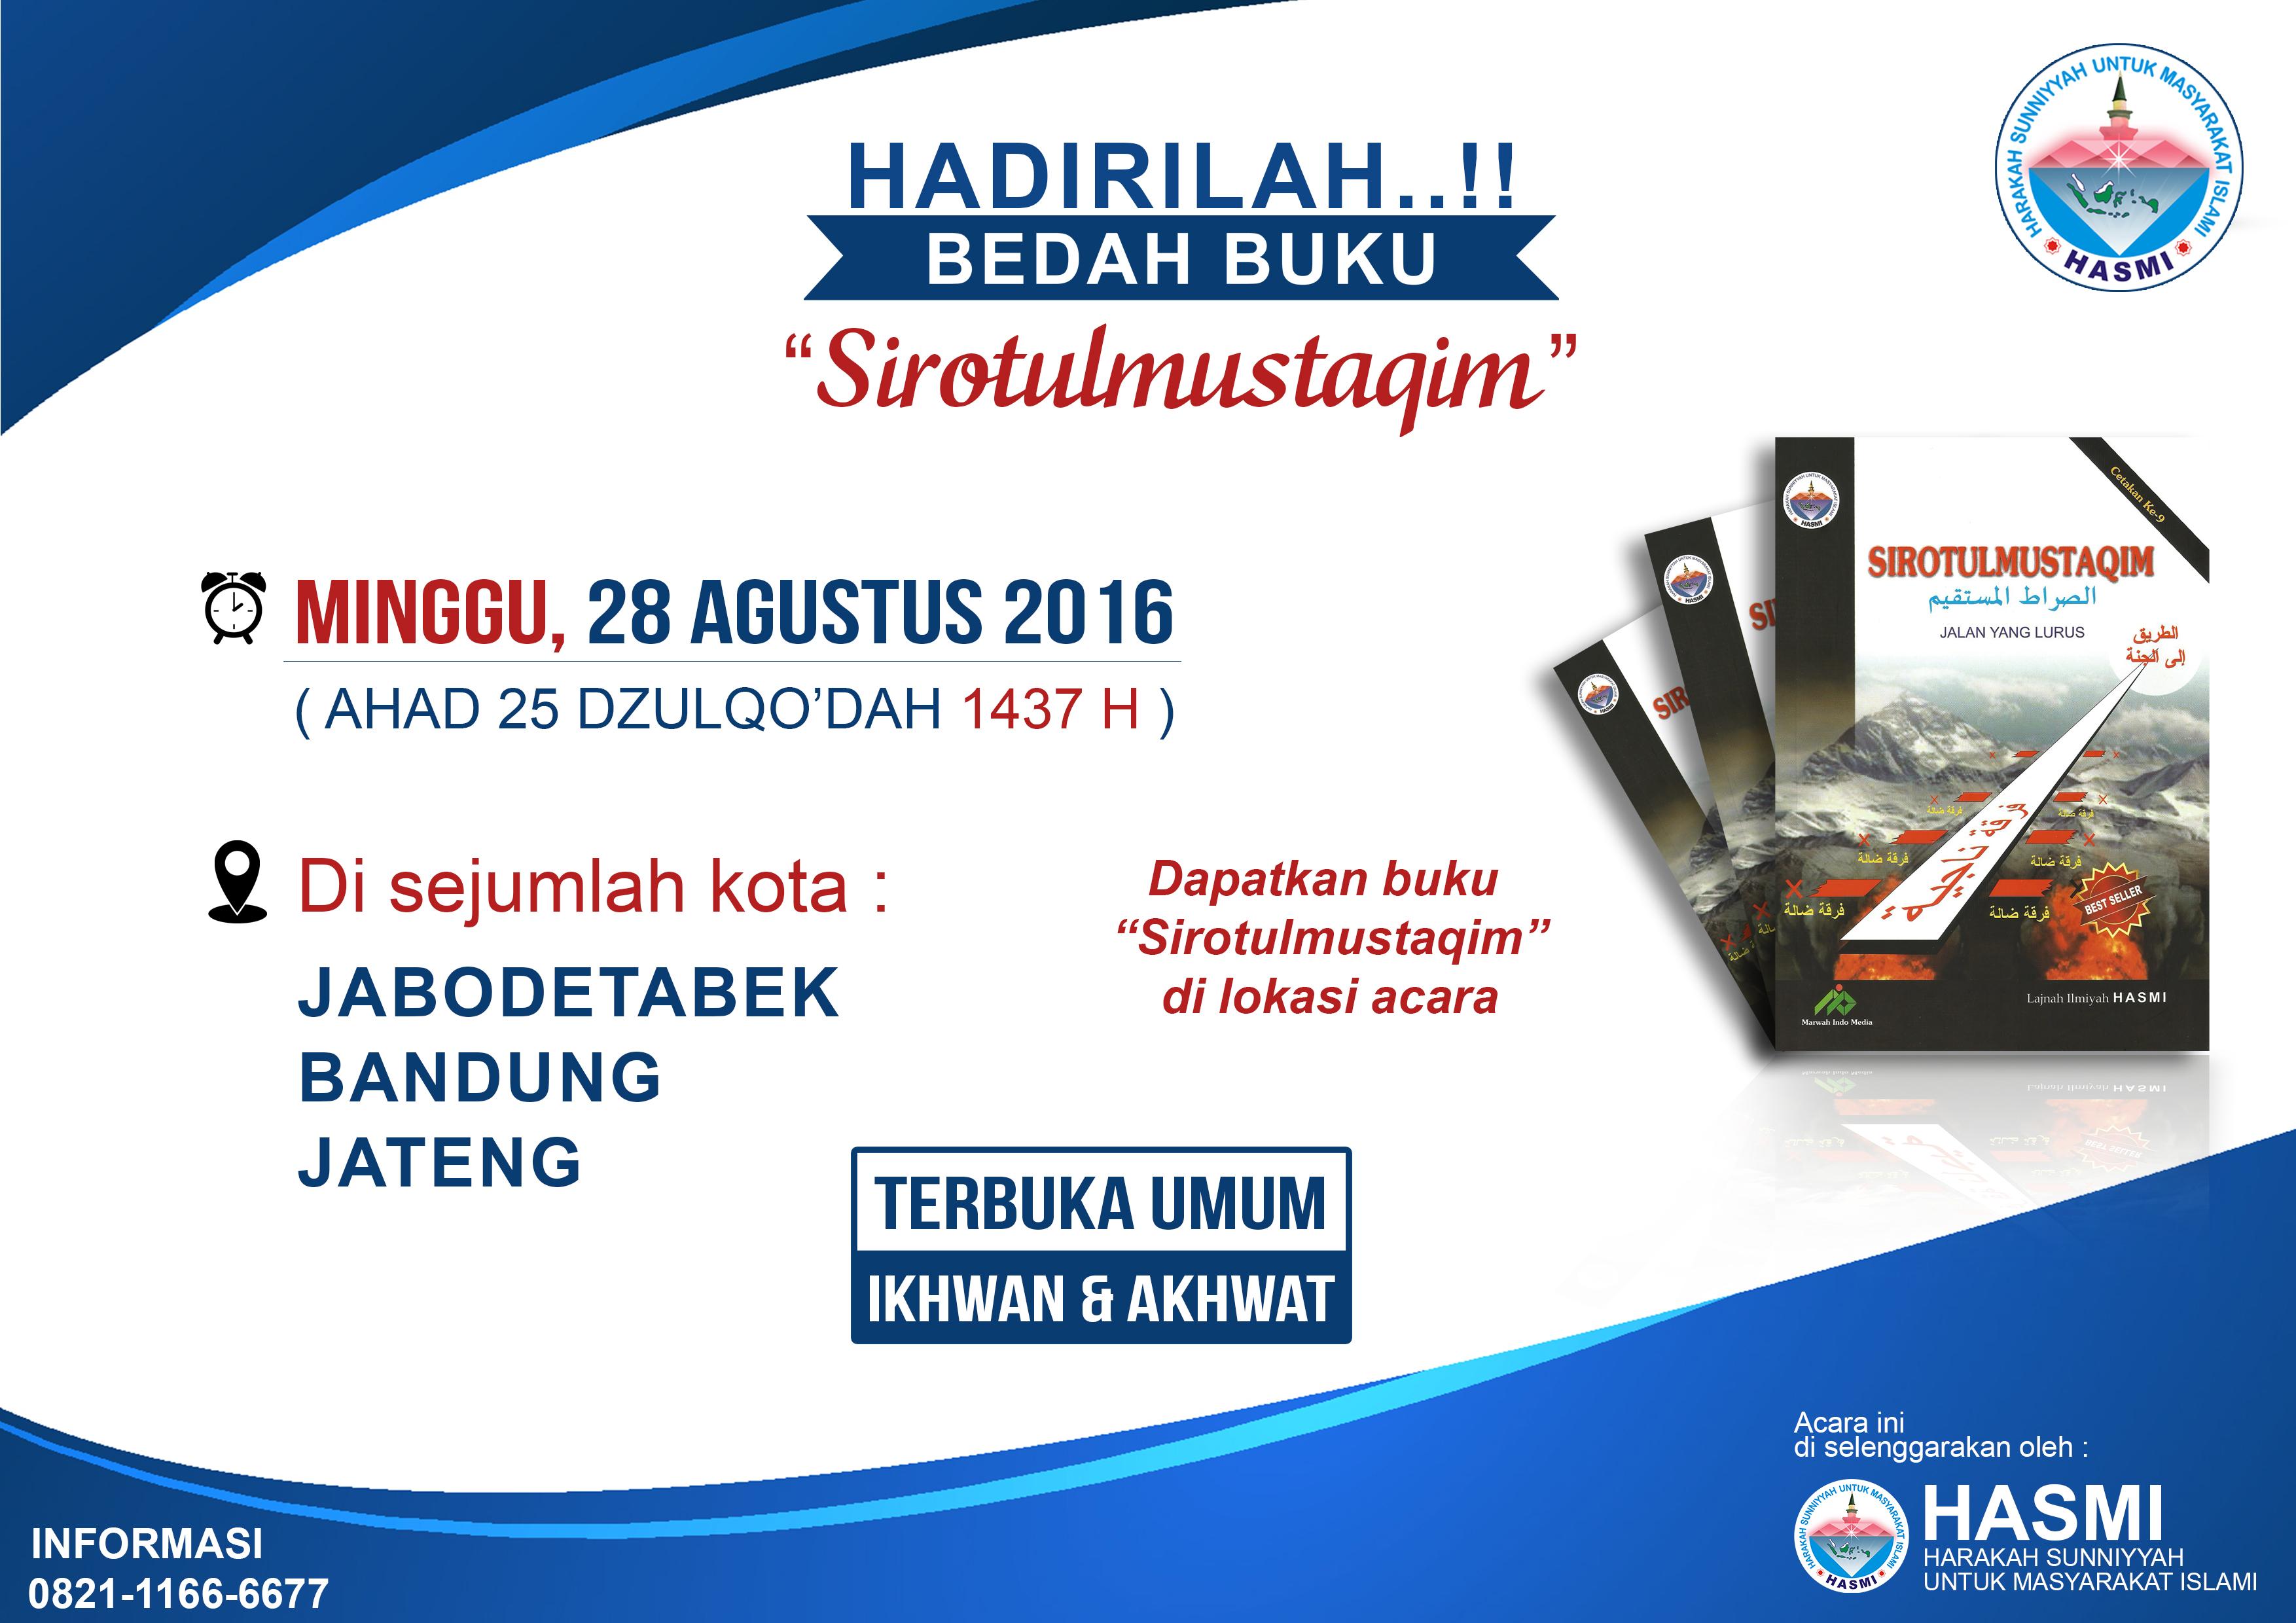 HADIRILAH BEDAH BUKU SHIROTUL MUSTAQIM HASMI (Harakah Sunniyyah Untuk Masyarakat Islami)